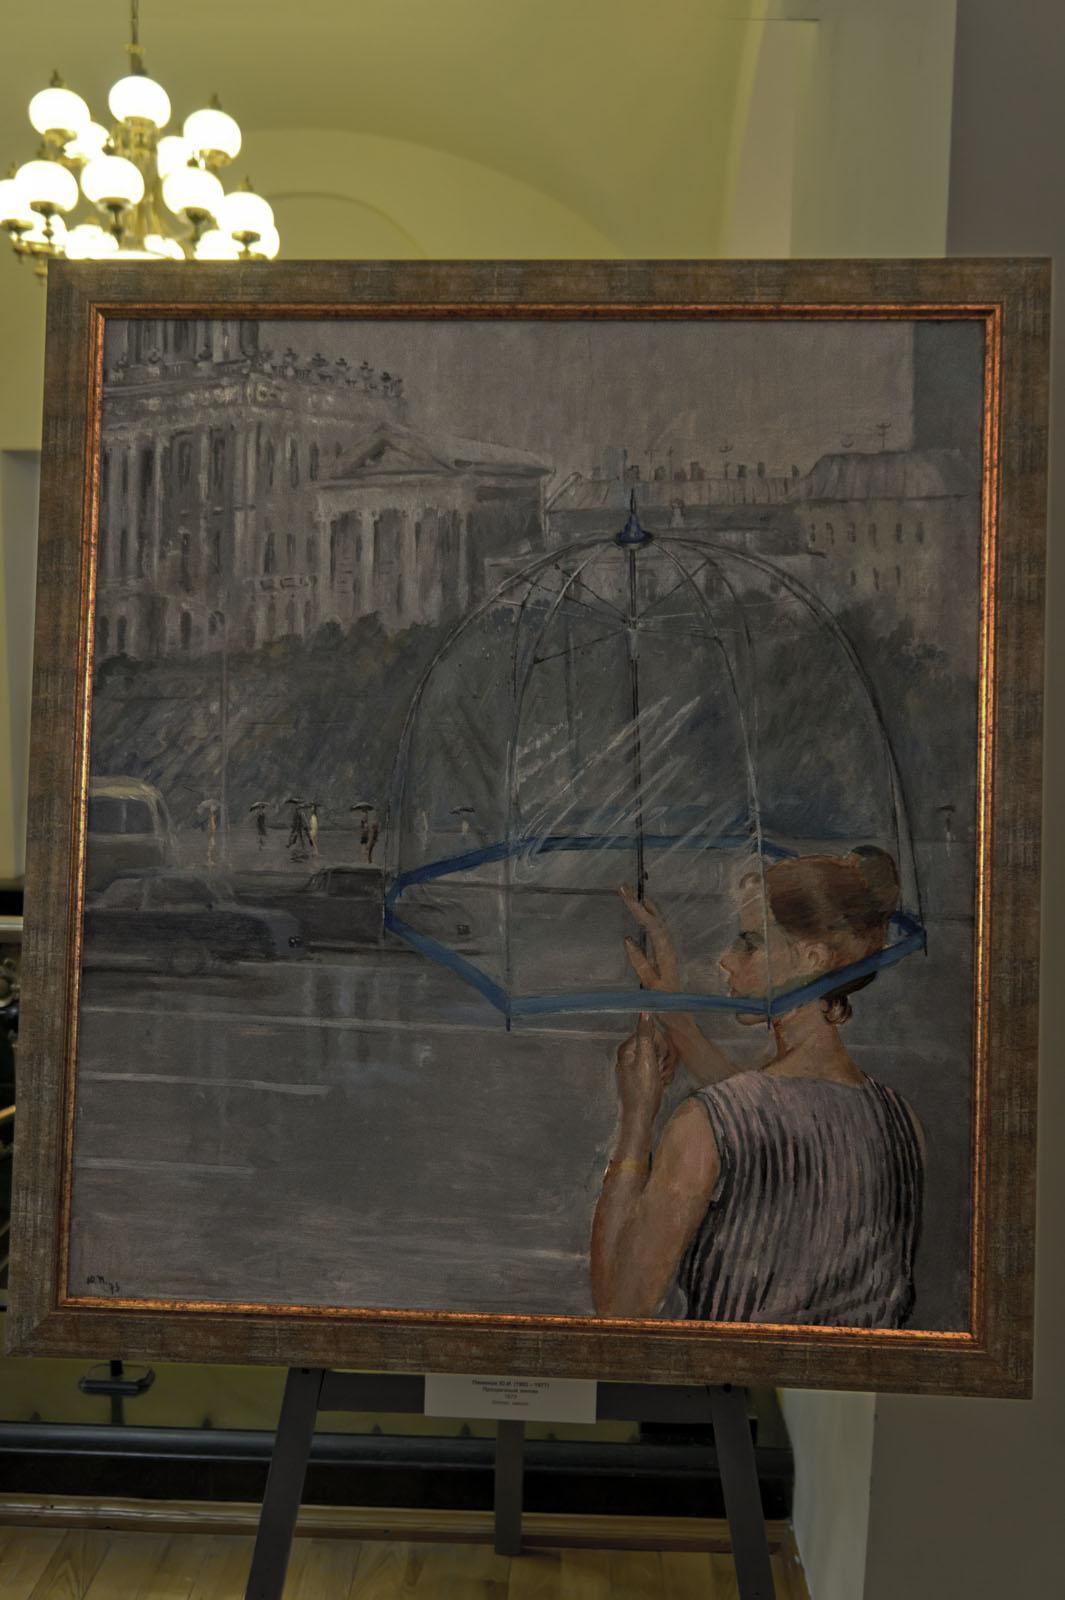 Фото №79869. Прозрачный зонтик. 1973. Пименов Ю.И. (1903-1977)